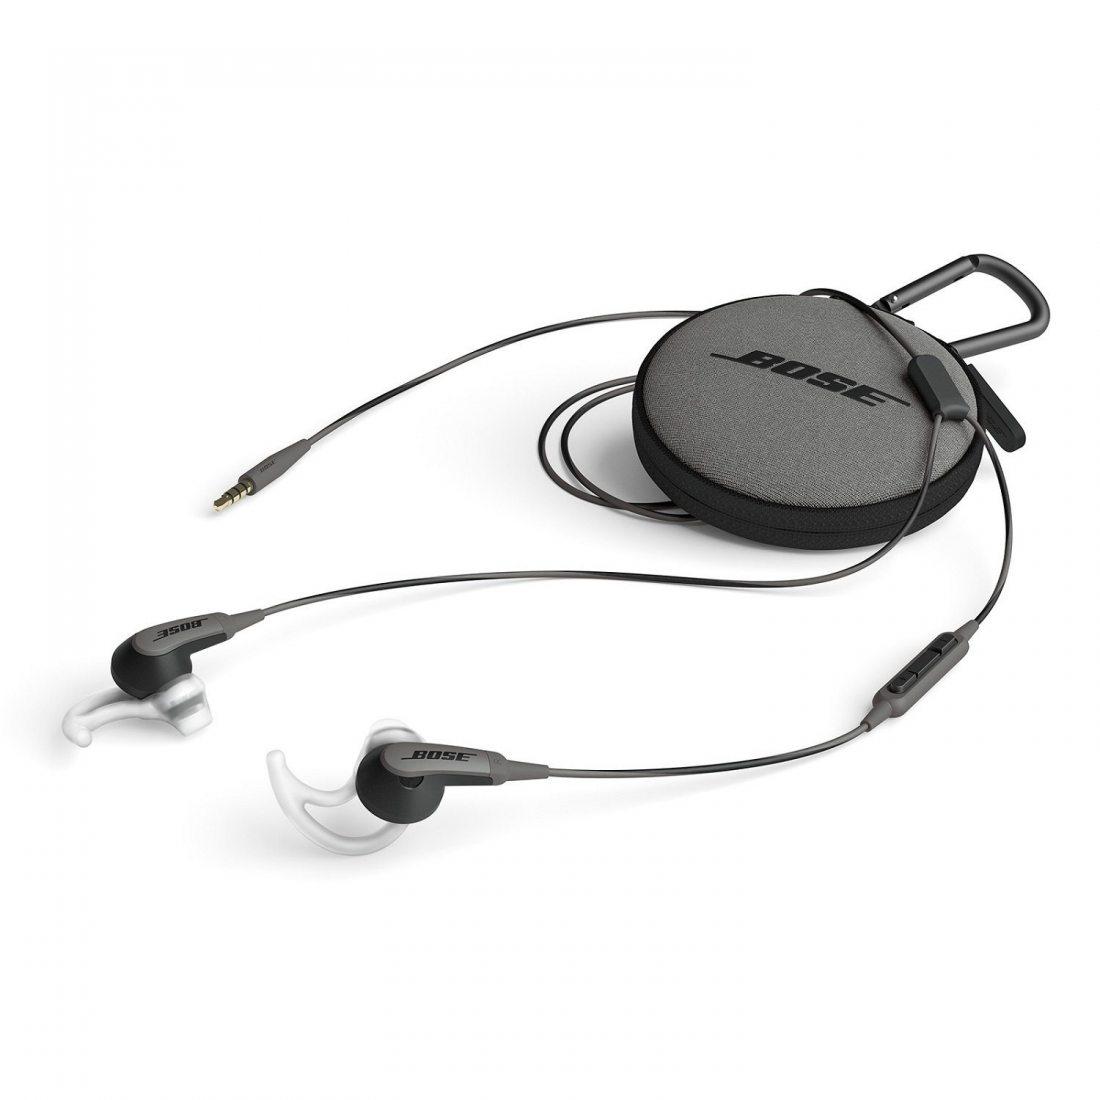 Écouteurs Bose SoundSport pour Appareils Apple - Noir Charbon